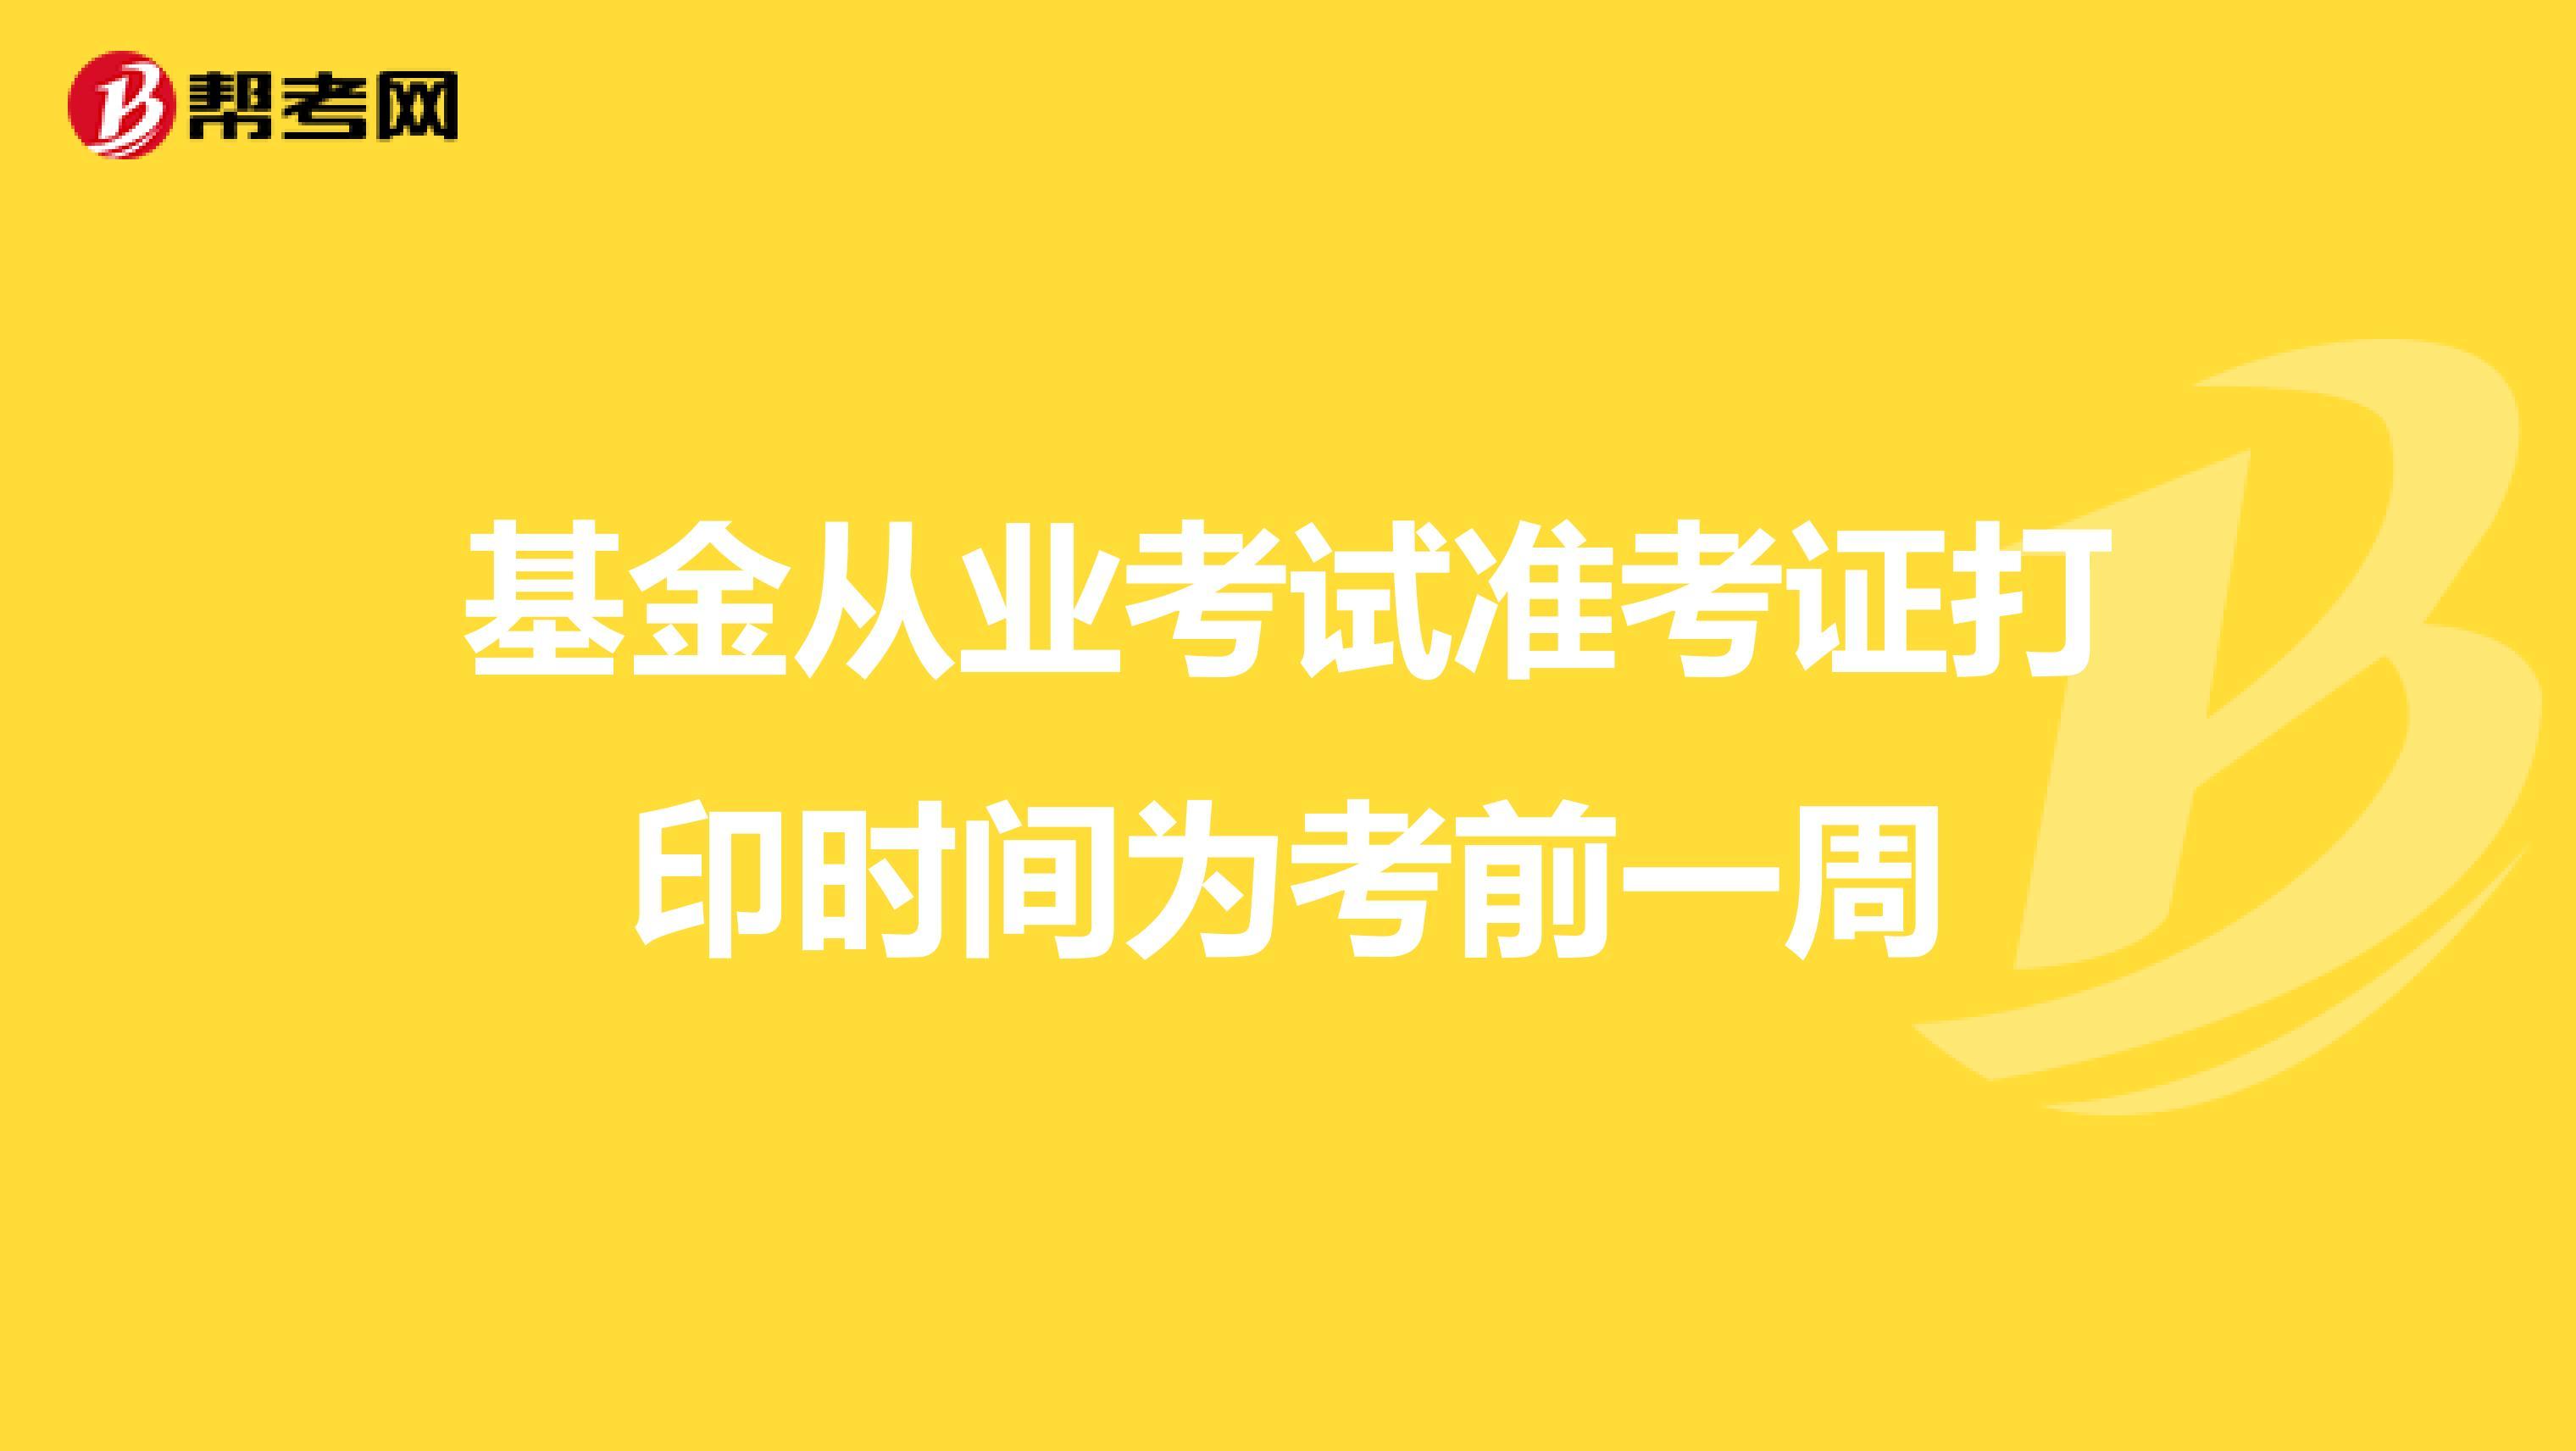 2021年3月27日基金从业考试准考证打印时间:3月22日-3月27日